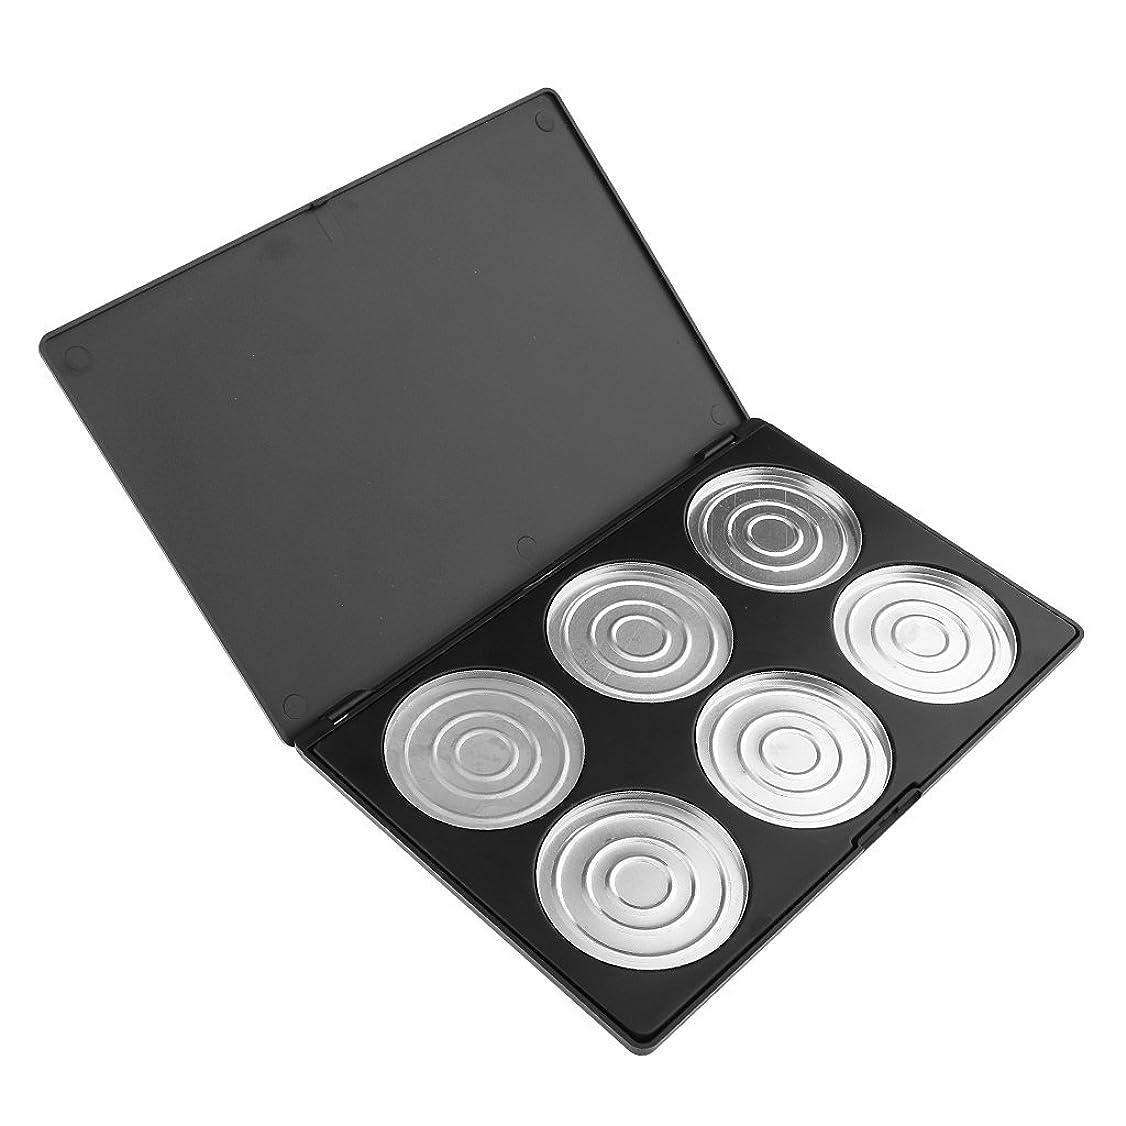 古くなった誓約のりPerfk 6/12グリッド メイク 空ケース アイシャドー ブラッシャー リップ グロスパレット 化粧品 収納ケース コレクション - 6色収納ケース